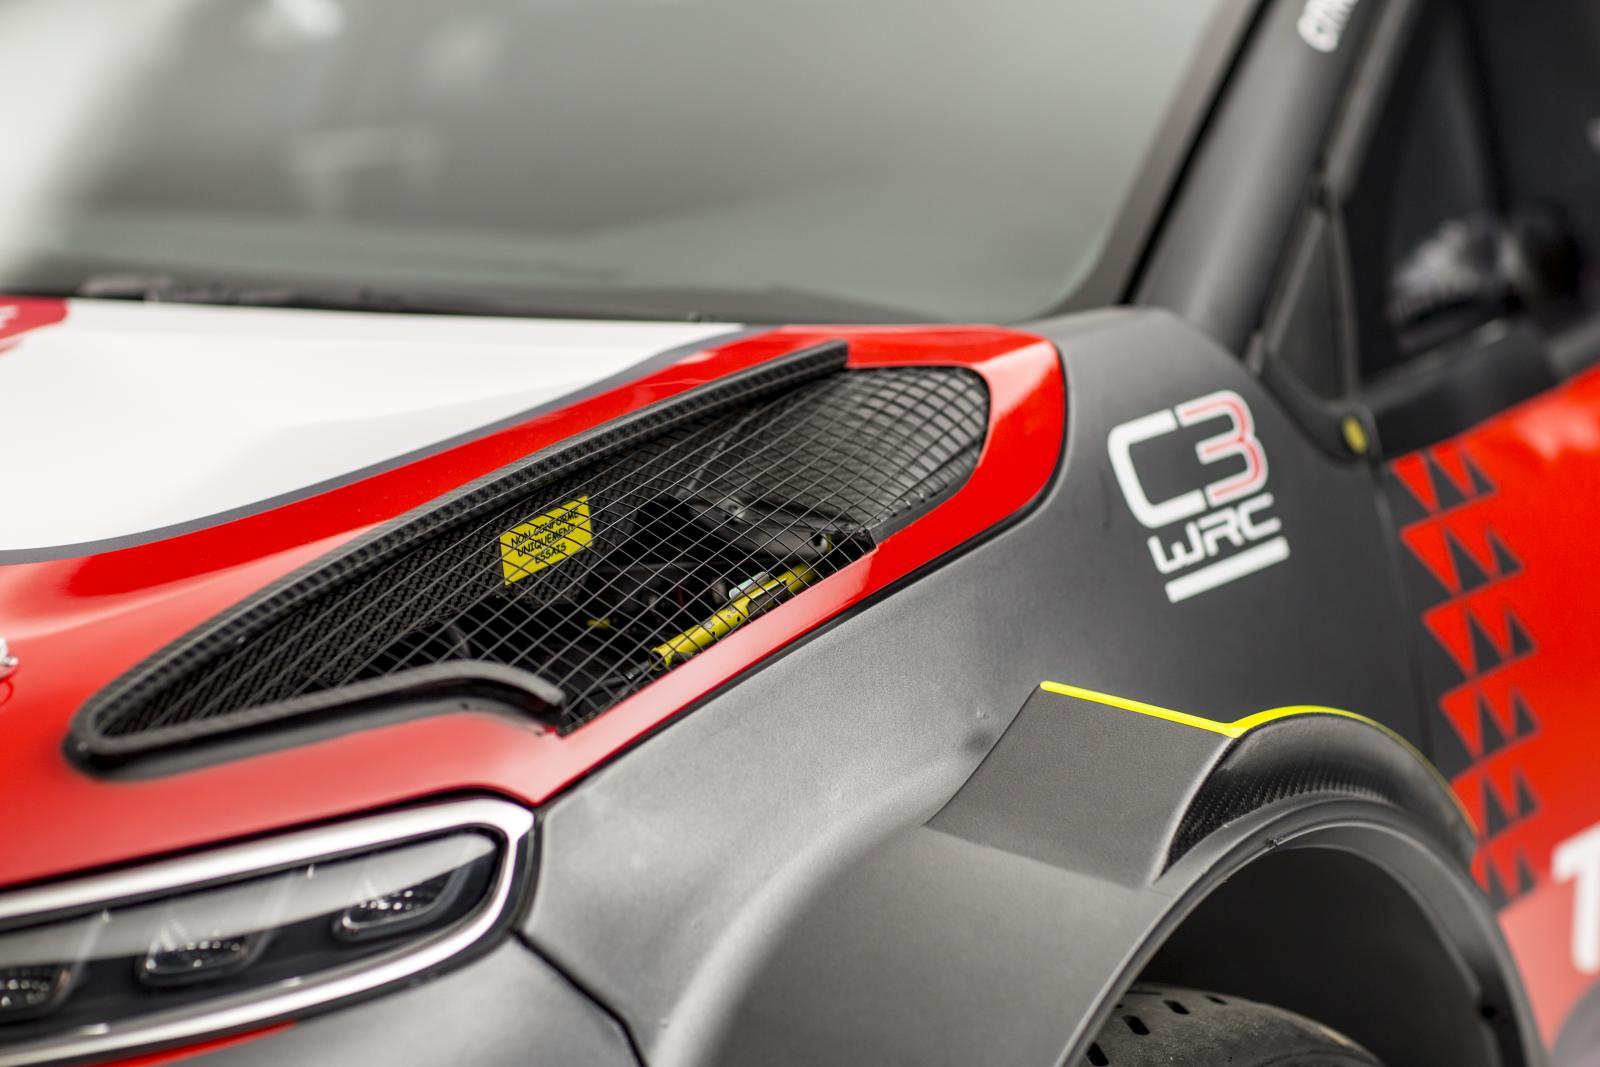 C3 WRC - アエロダイナミックデバイス